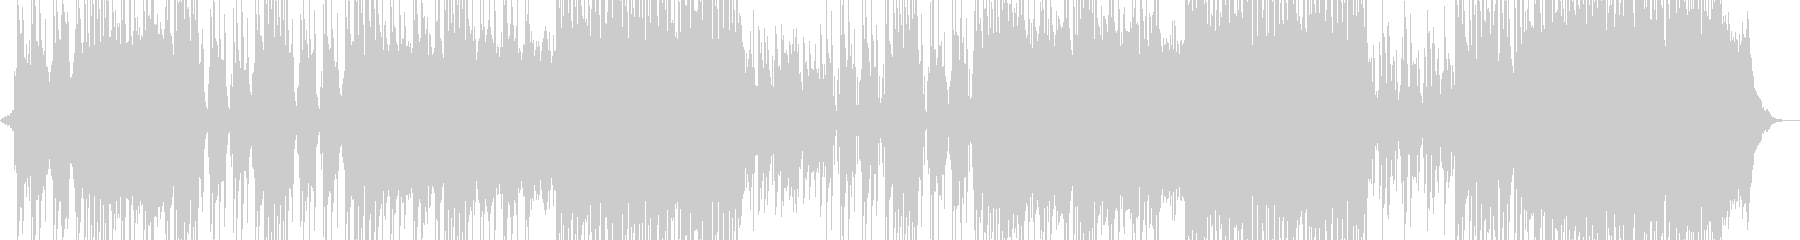 スリラーシンセ・ホラーなR&B ホルン有の未再生の波形